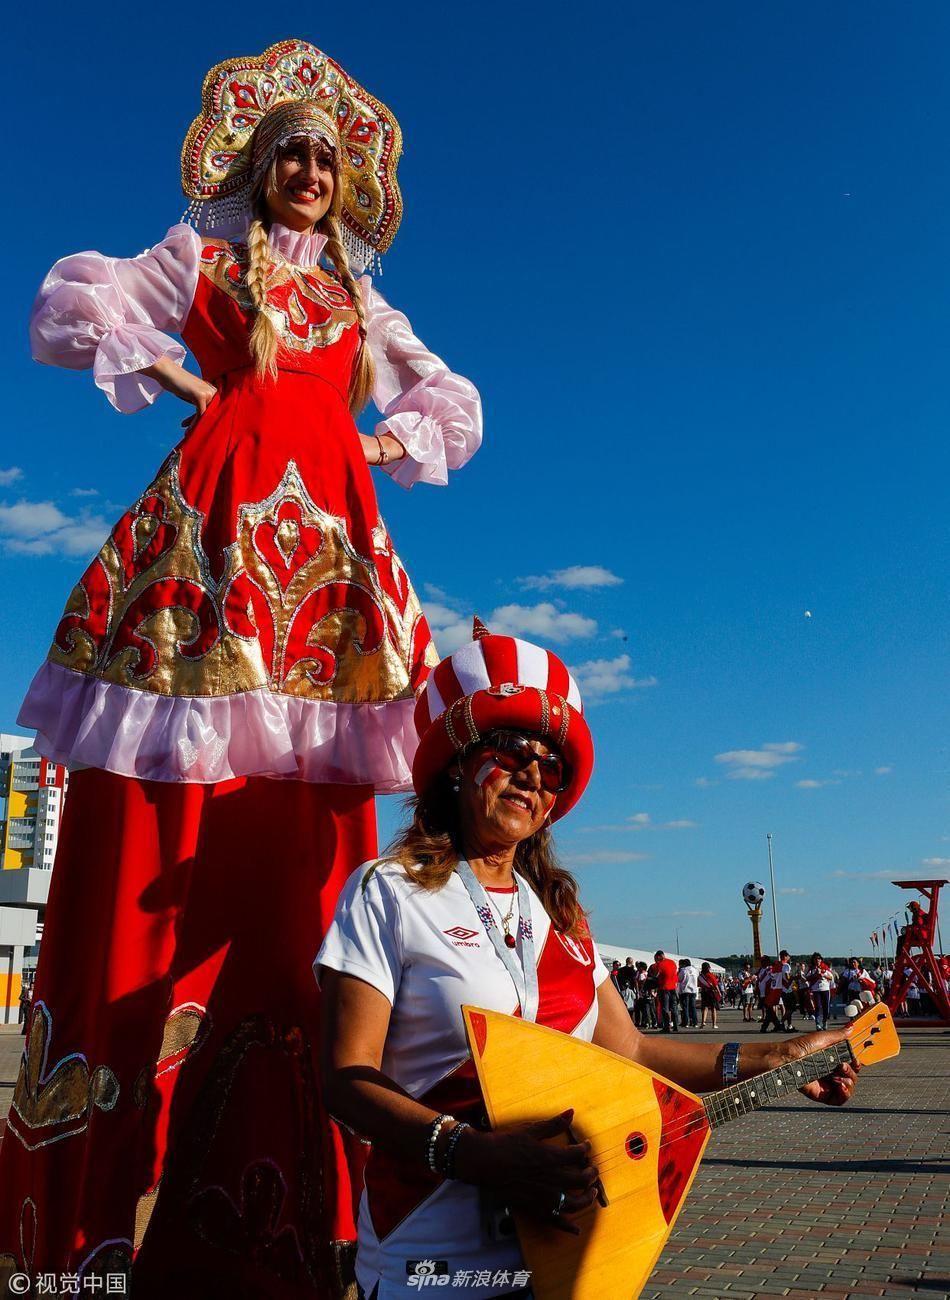 迎来2米女家具!俄罗斯姑娘貌美如花:踩高跷一被的做成美女球迷图片